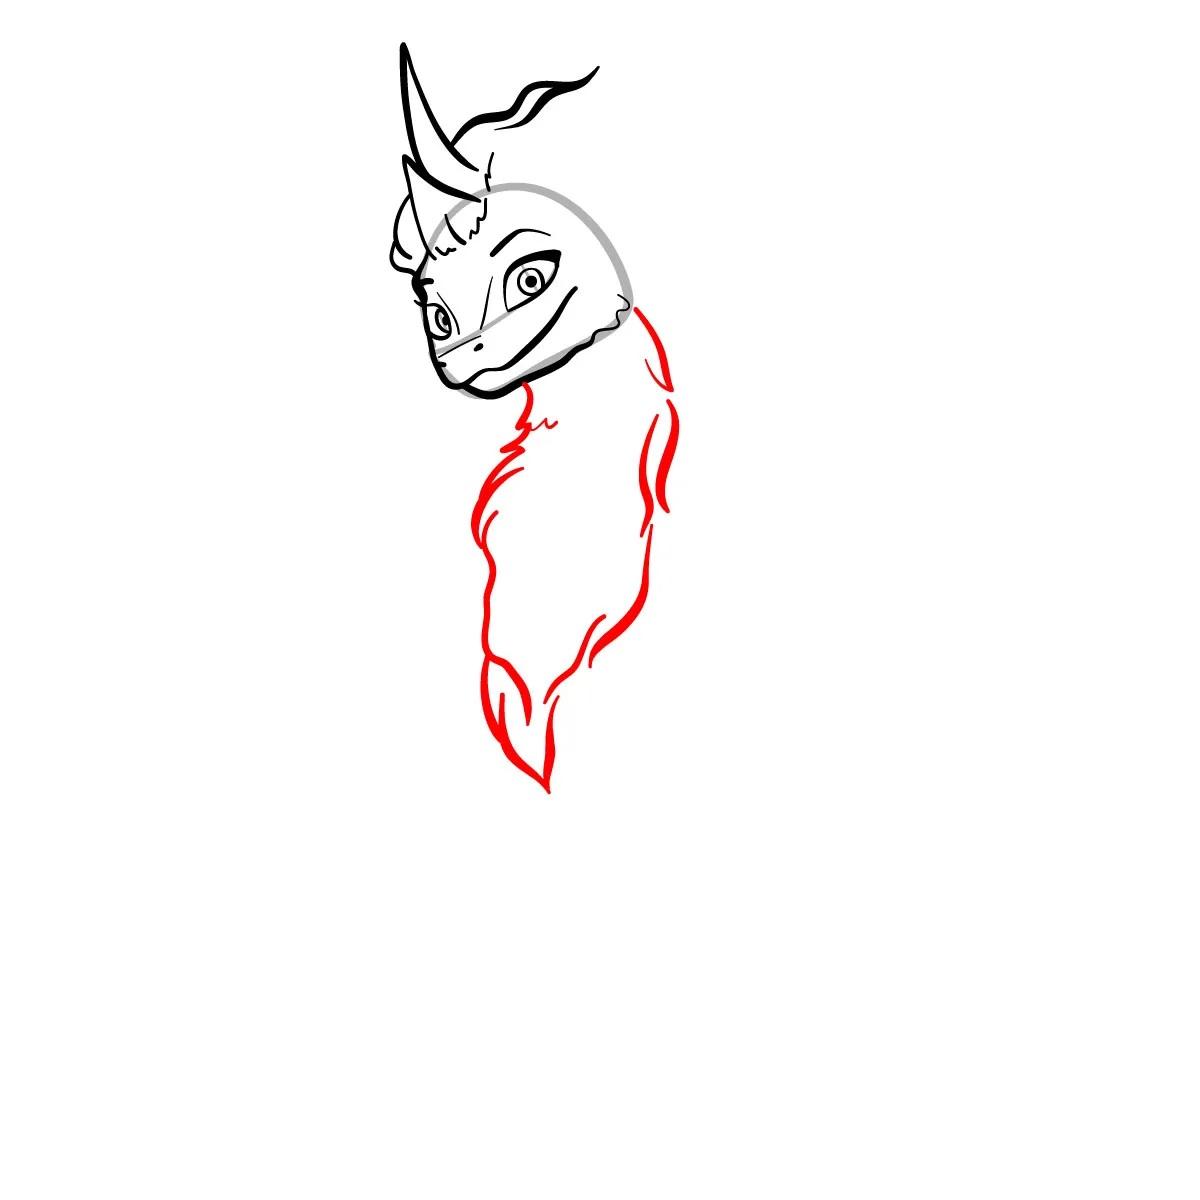 как нарисовать сису 6